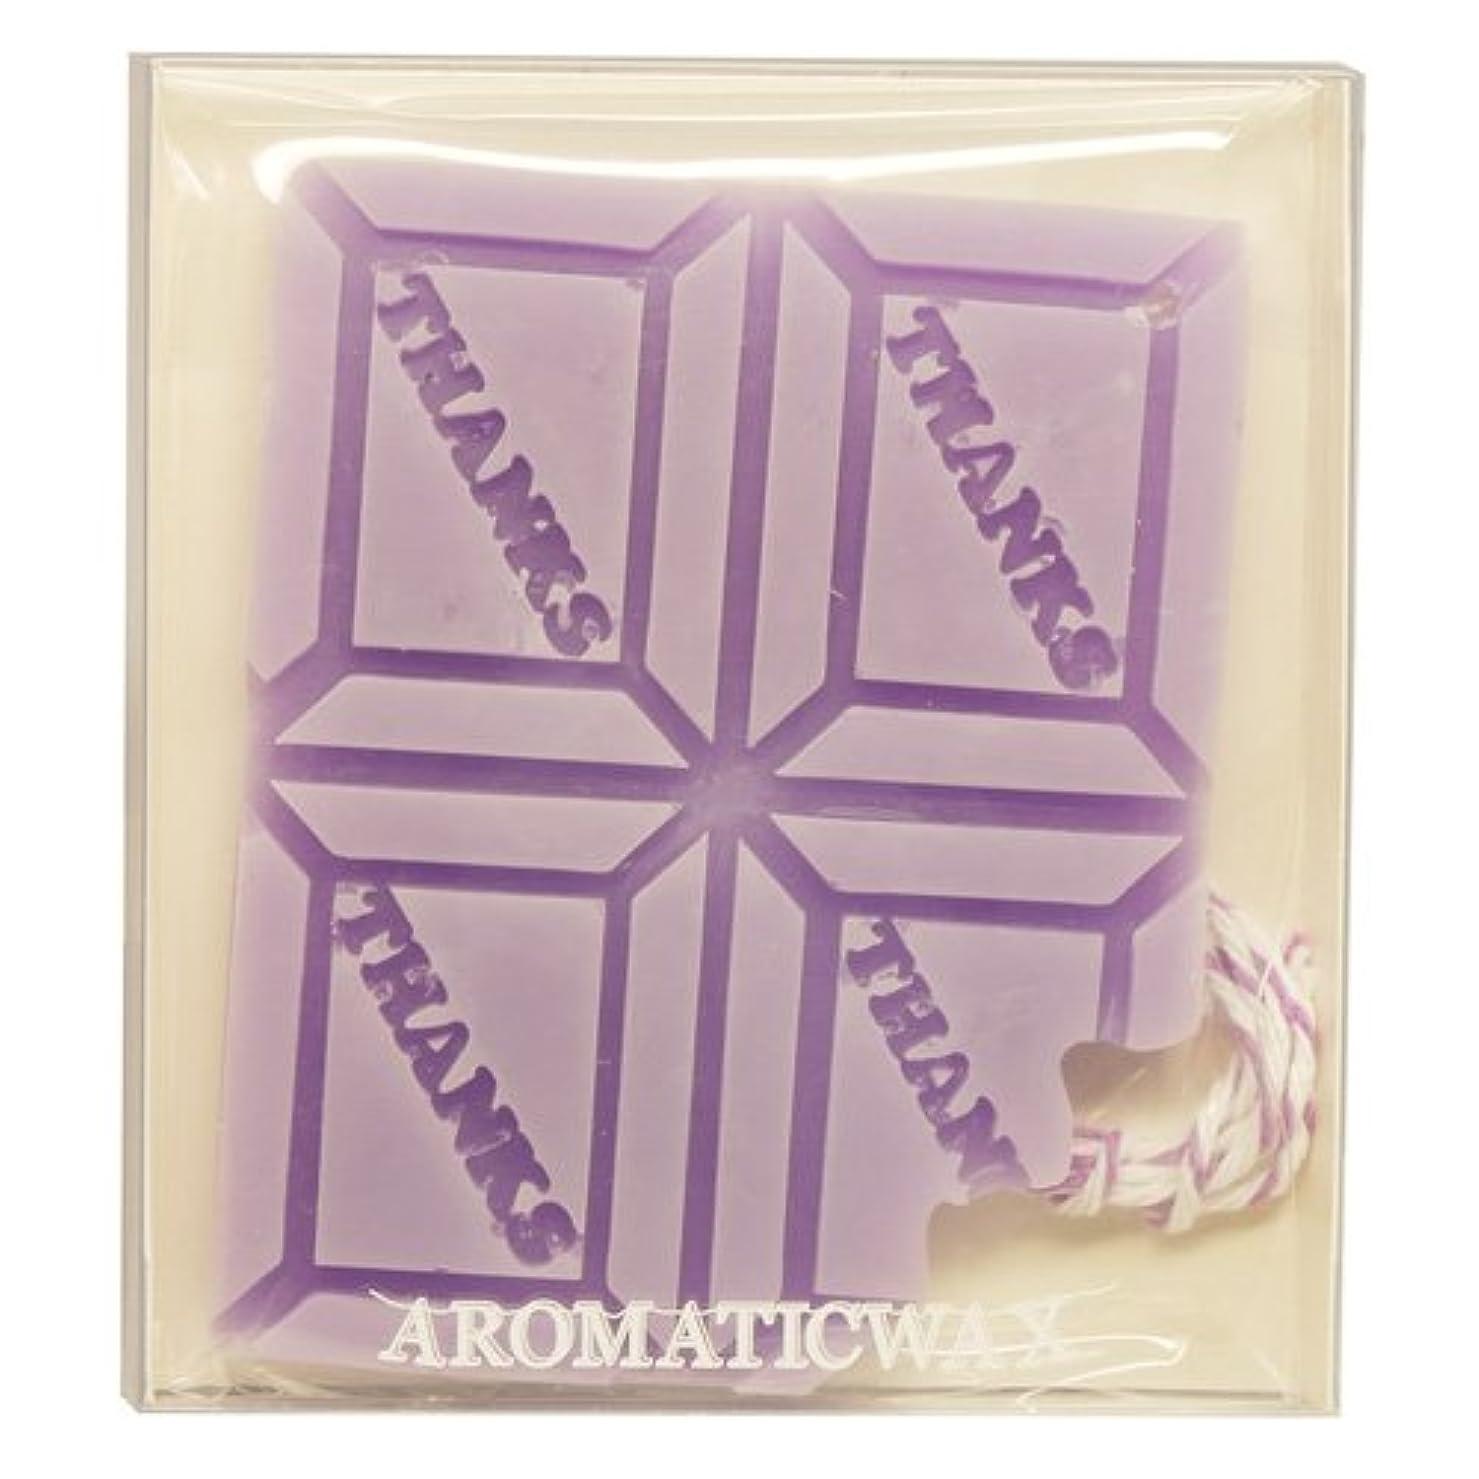 近く永続誰のGRASSE TOKYO AROMATICWAXチャーム「板チョコ(THANKS)」(PU) ラベンダー アロマティックワックス グラーストウキョウ